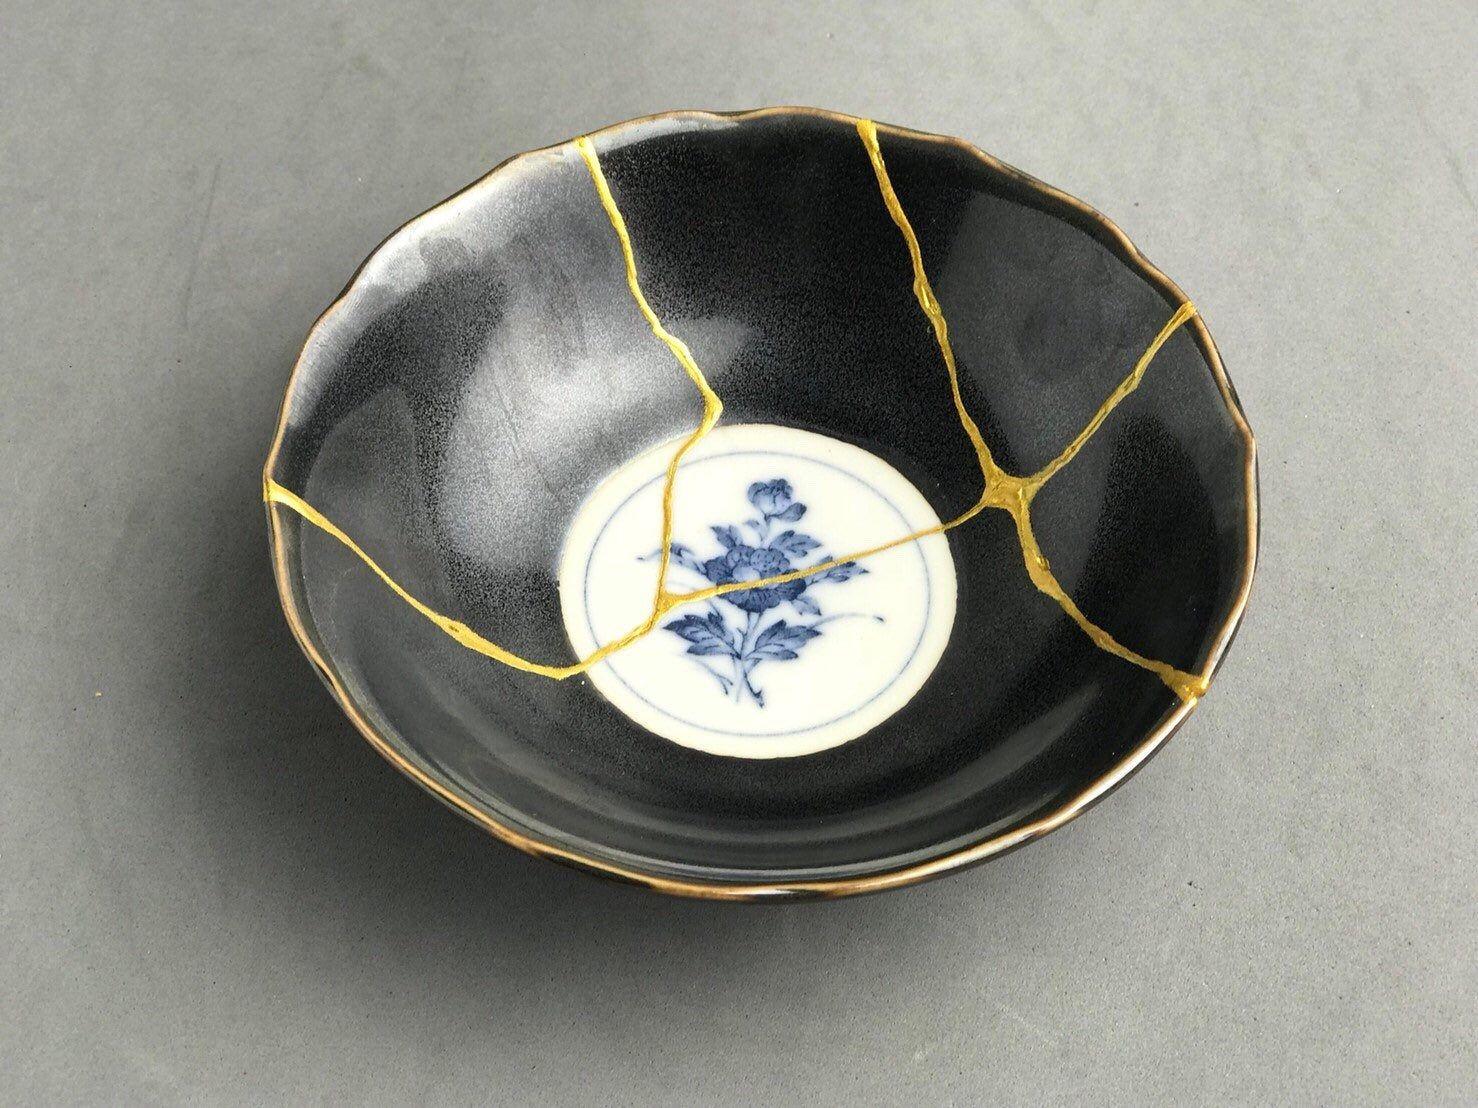 Kintsugi Gifts Kintsugi Bowl Japanese Art In Repairing With Gold A Broken Ceramic Japanese Ceramics Vintage Handmad Japanese Ceramics Kintsugi Japanese Art